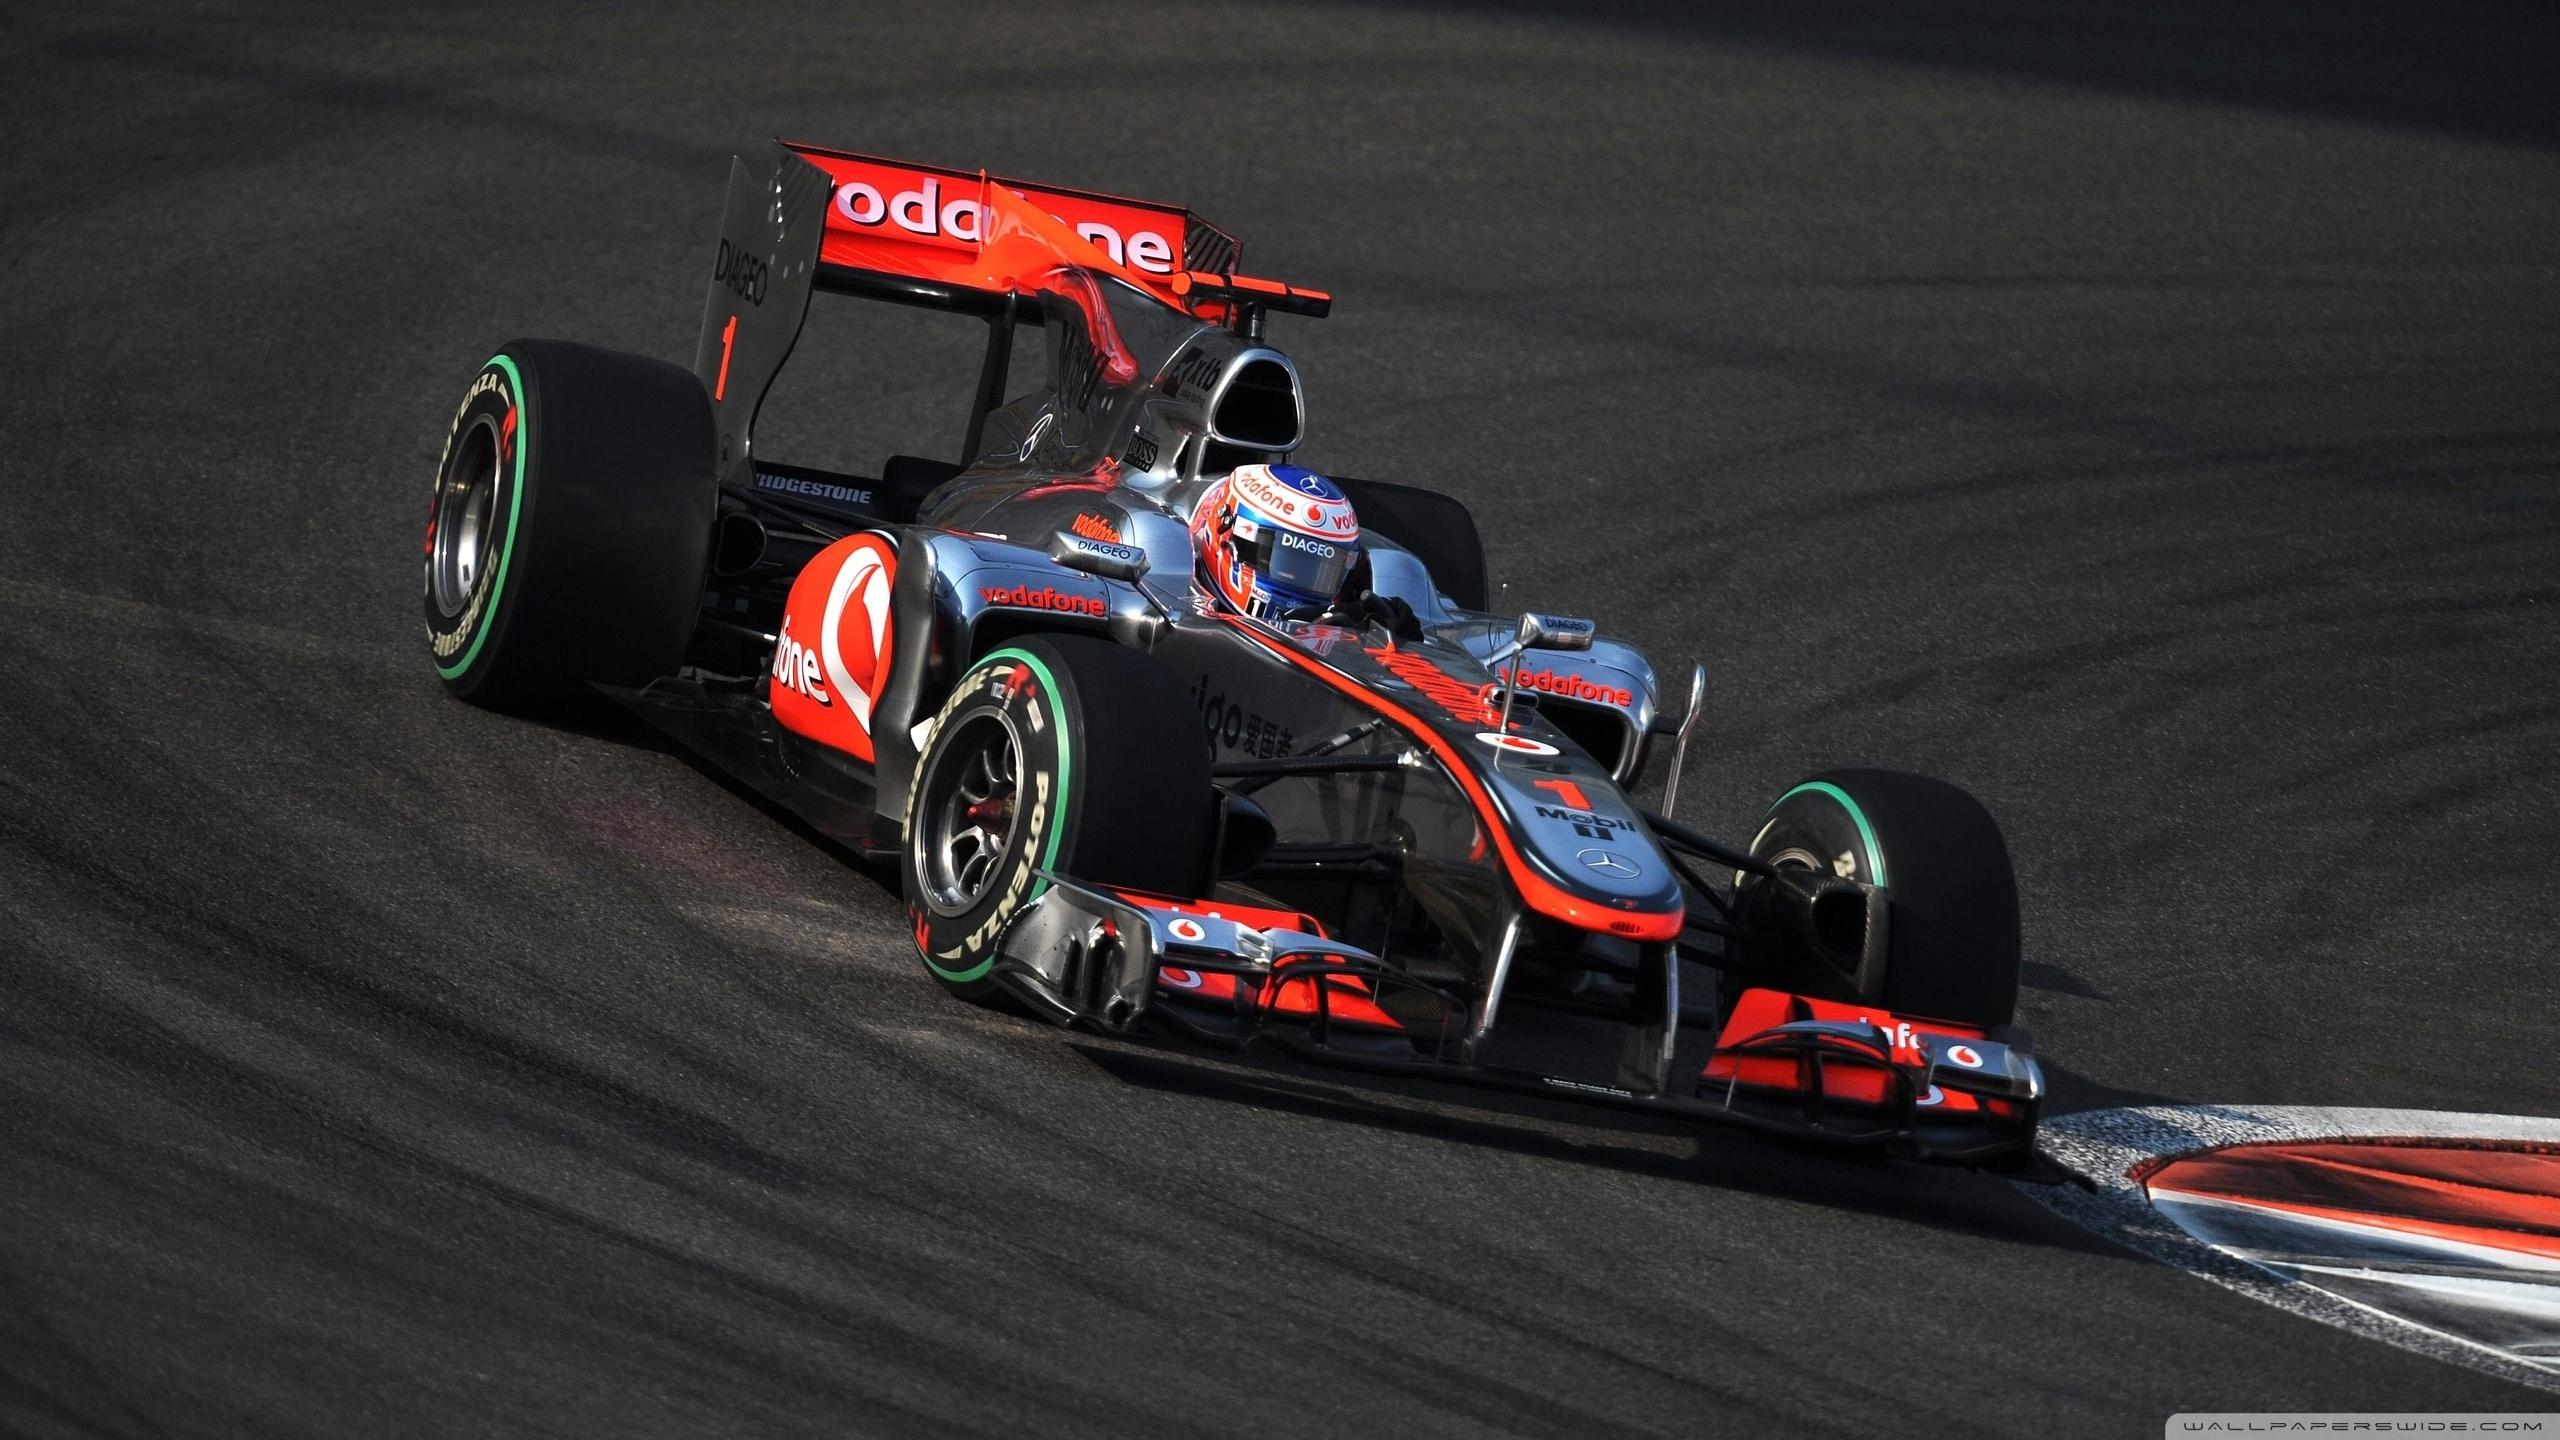 Formula 1 Wallpaper 13